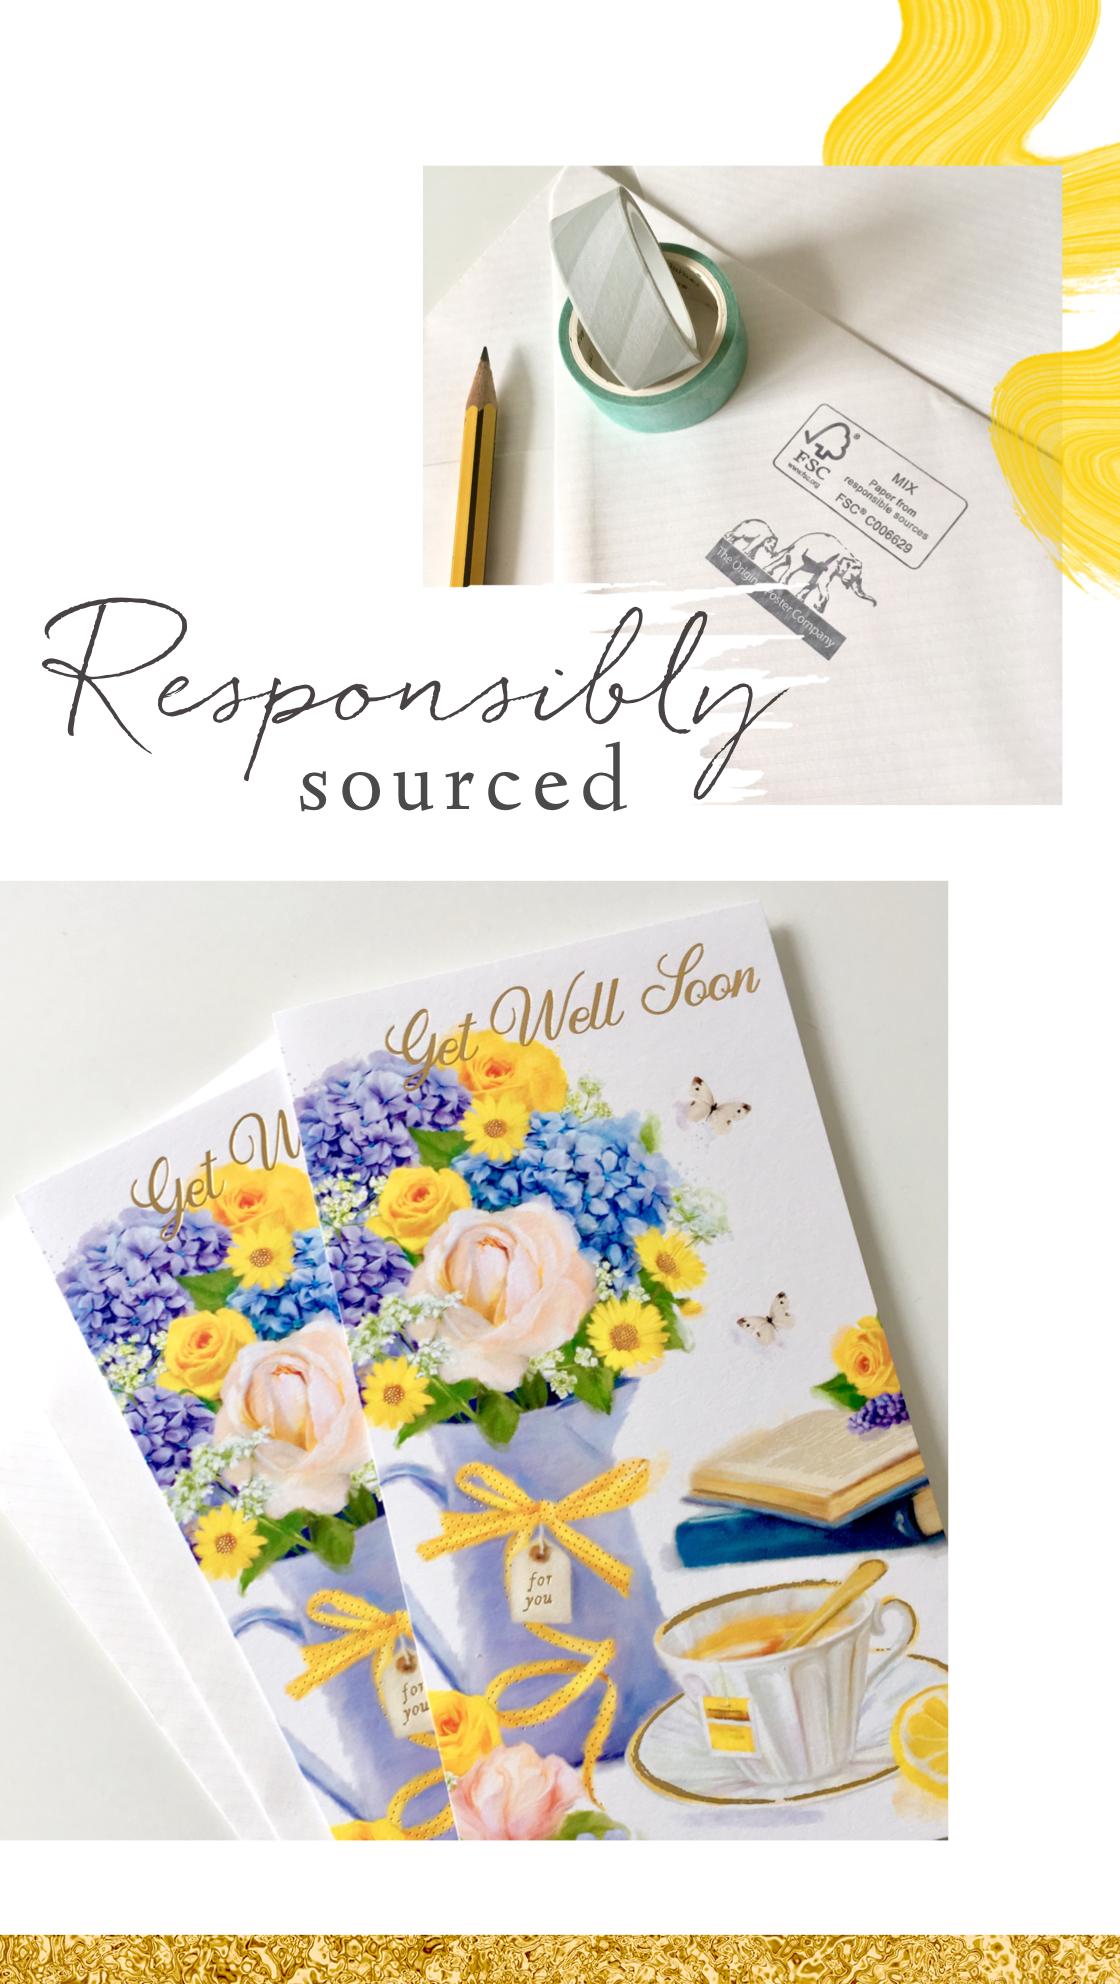 Greeting card design by Martha Bowyer